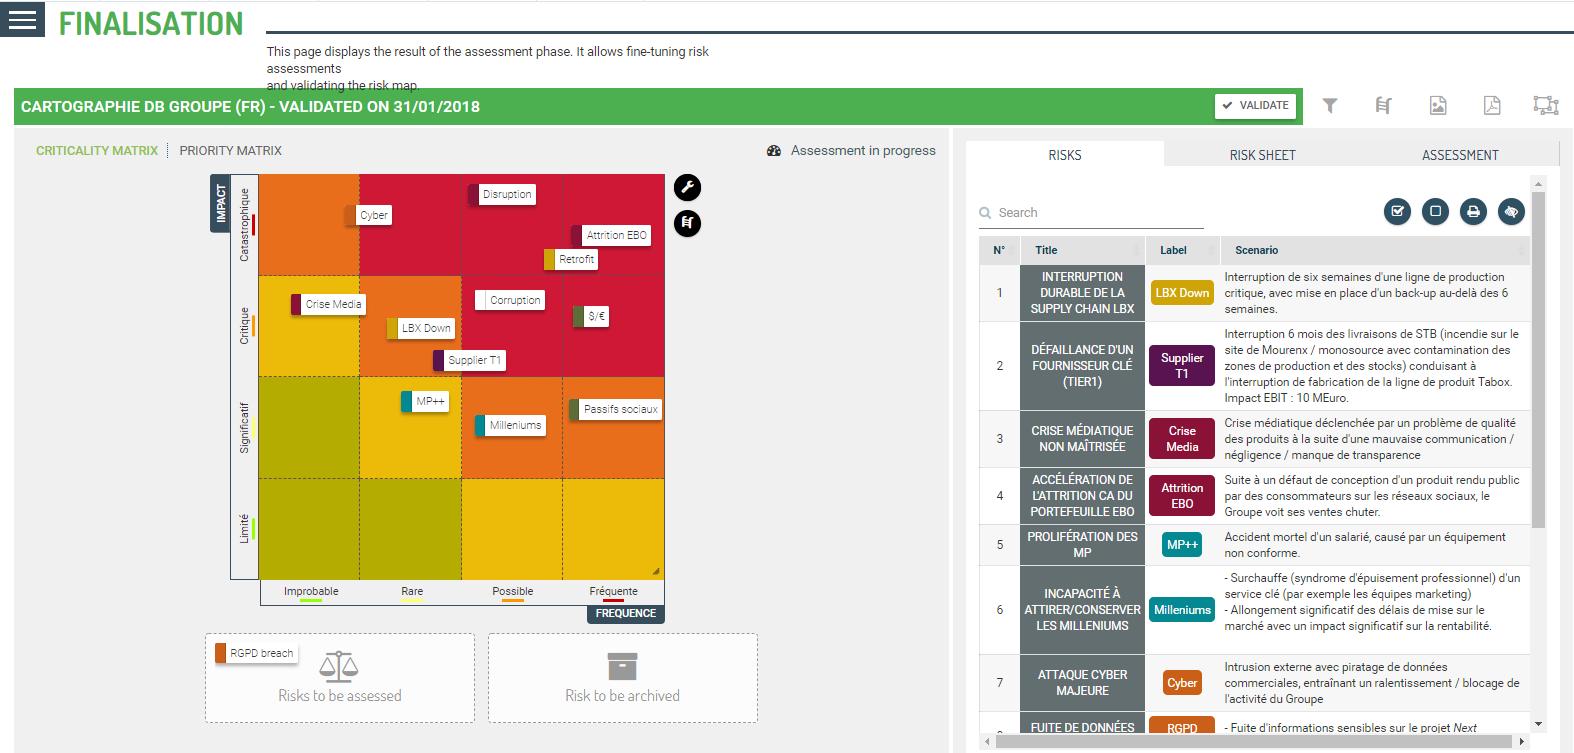 RMIS ArengiBox Risk Starter risk assessment